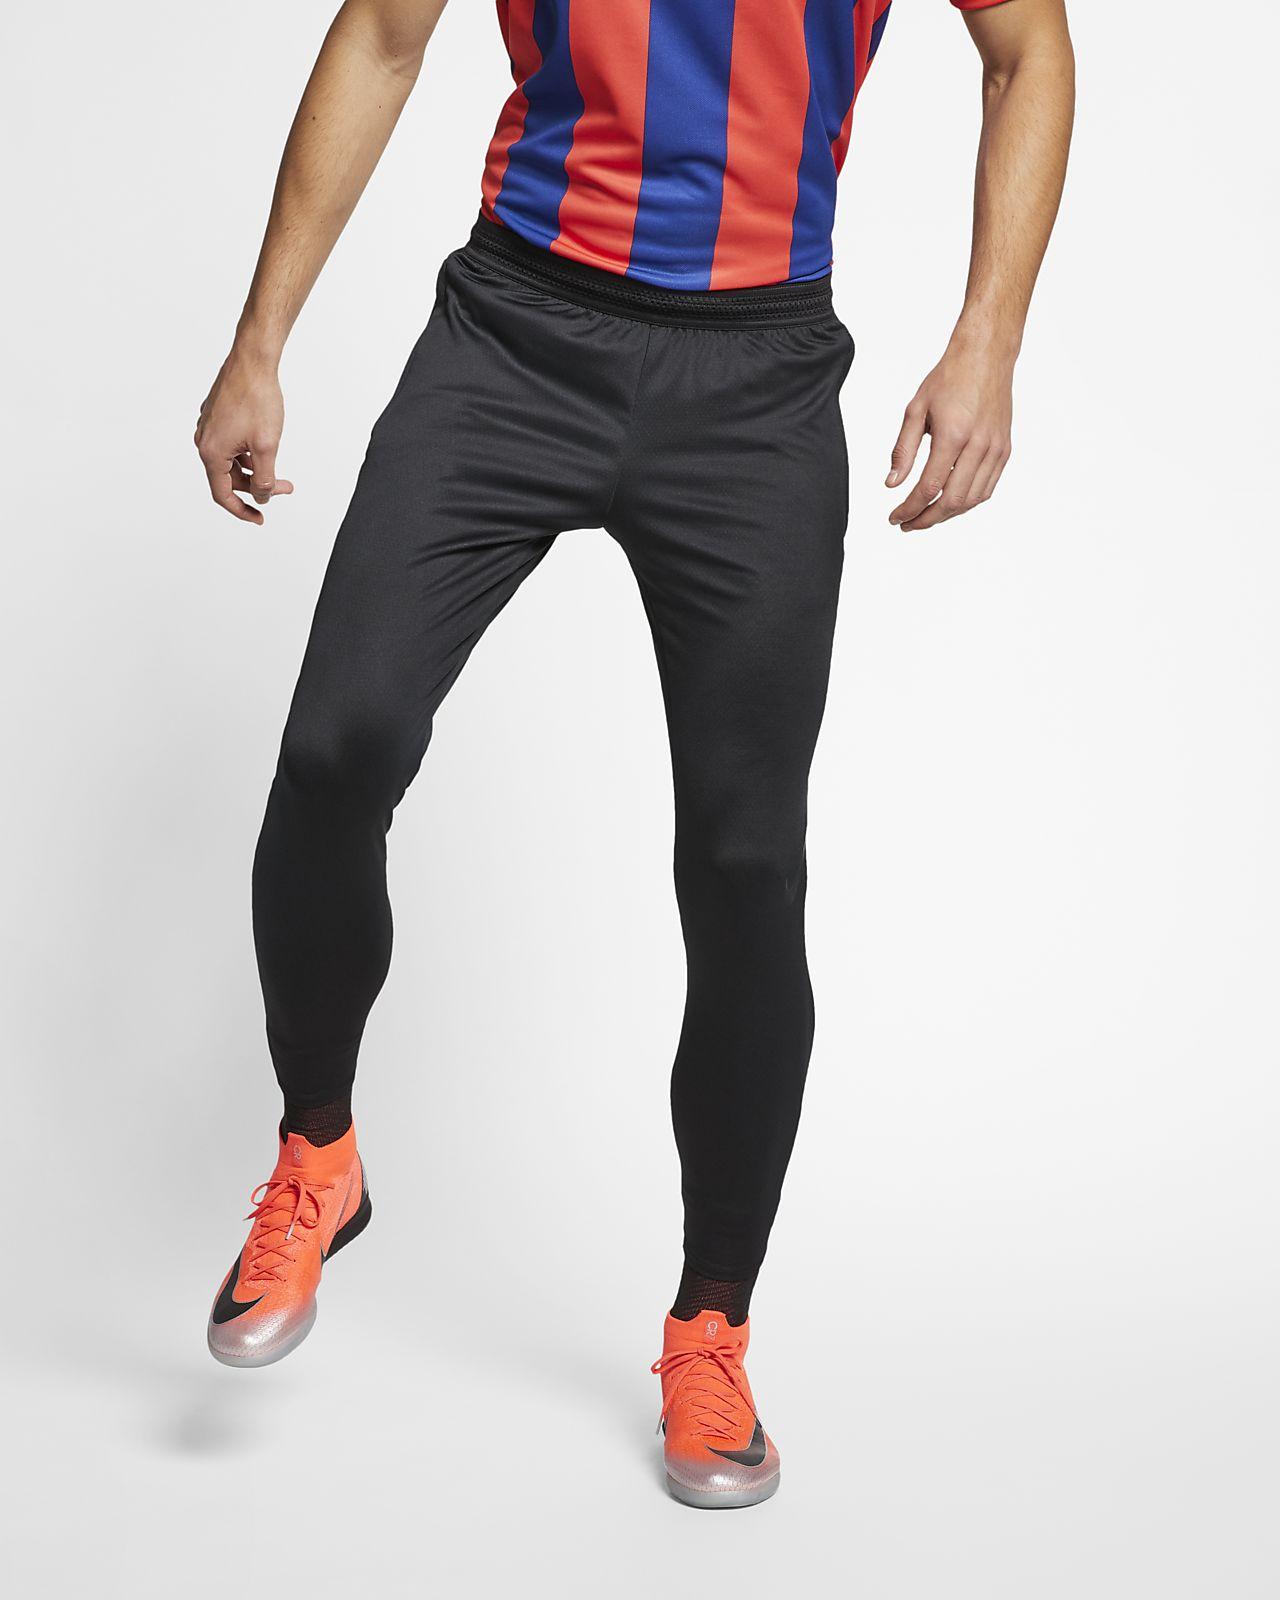 7962c8b45990 Nike Flex Strike Men s Football Pants. Nike.com GB